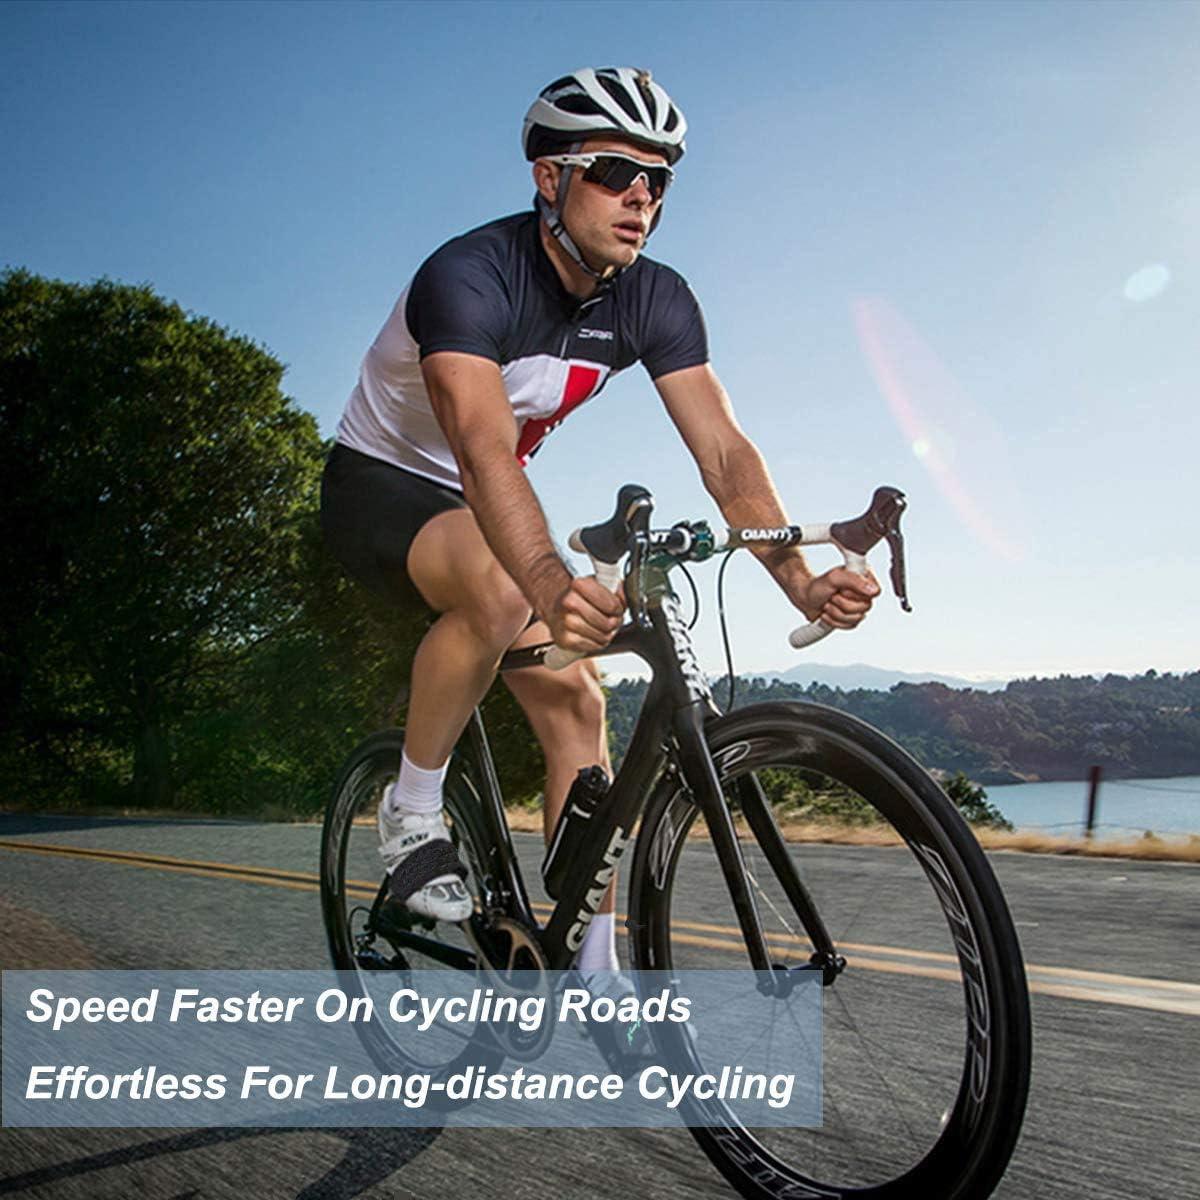 ONE PAIR Pedal Straps Bicycle Feet Strap Bike Strap Toe Clip Strap Black Nylon G